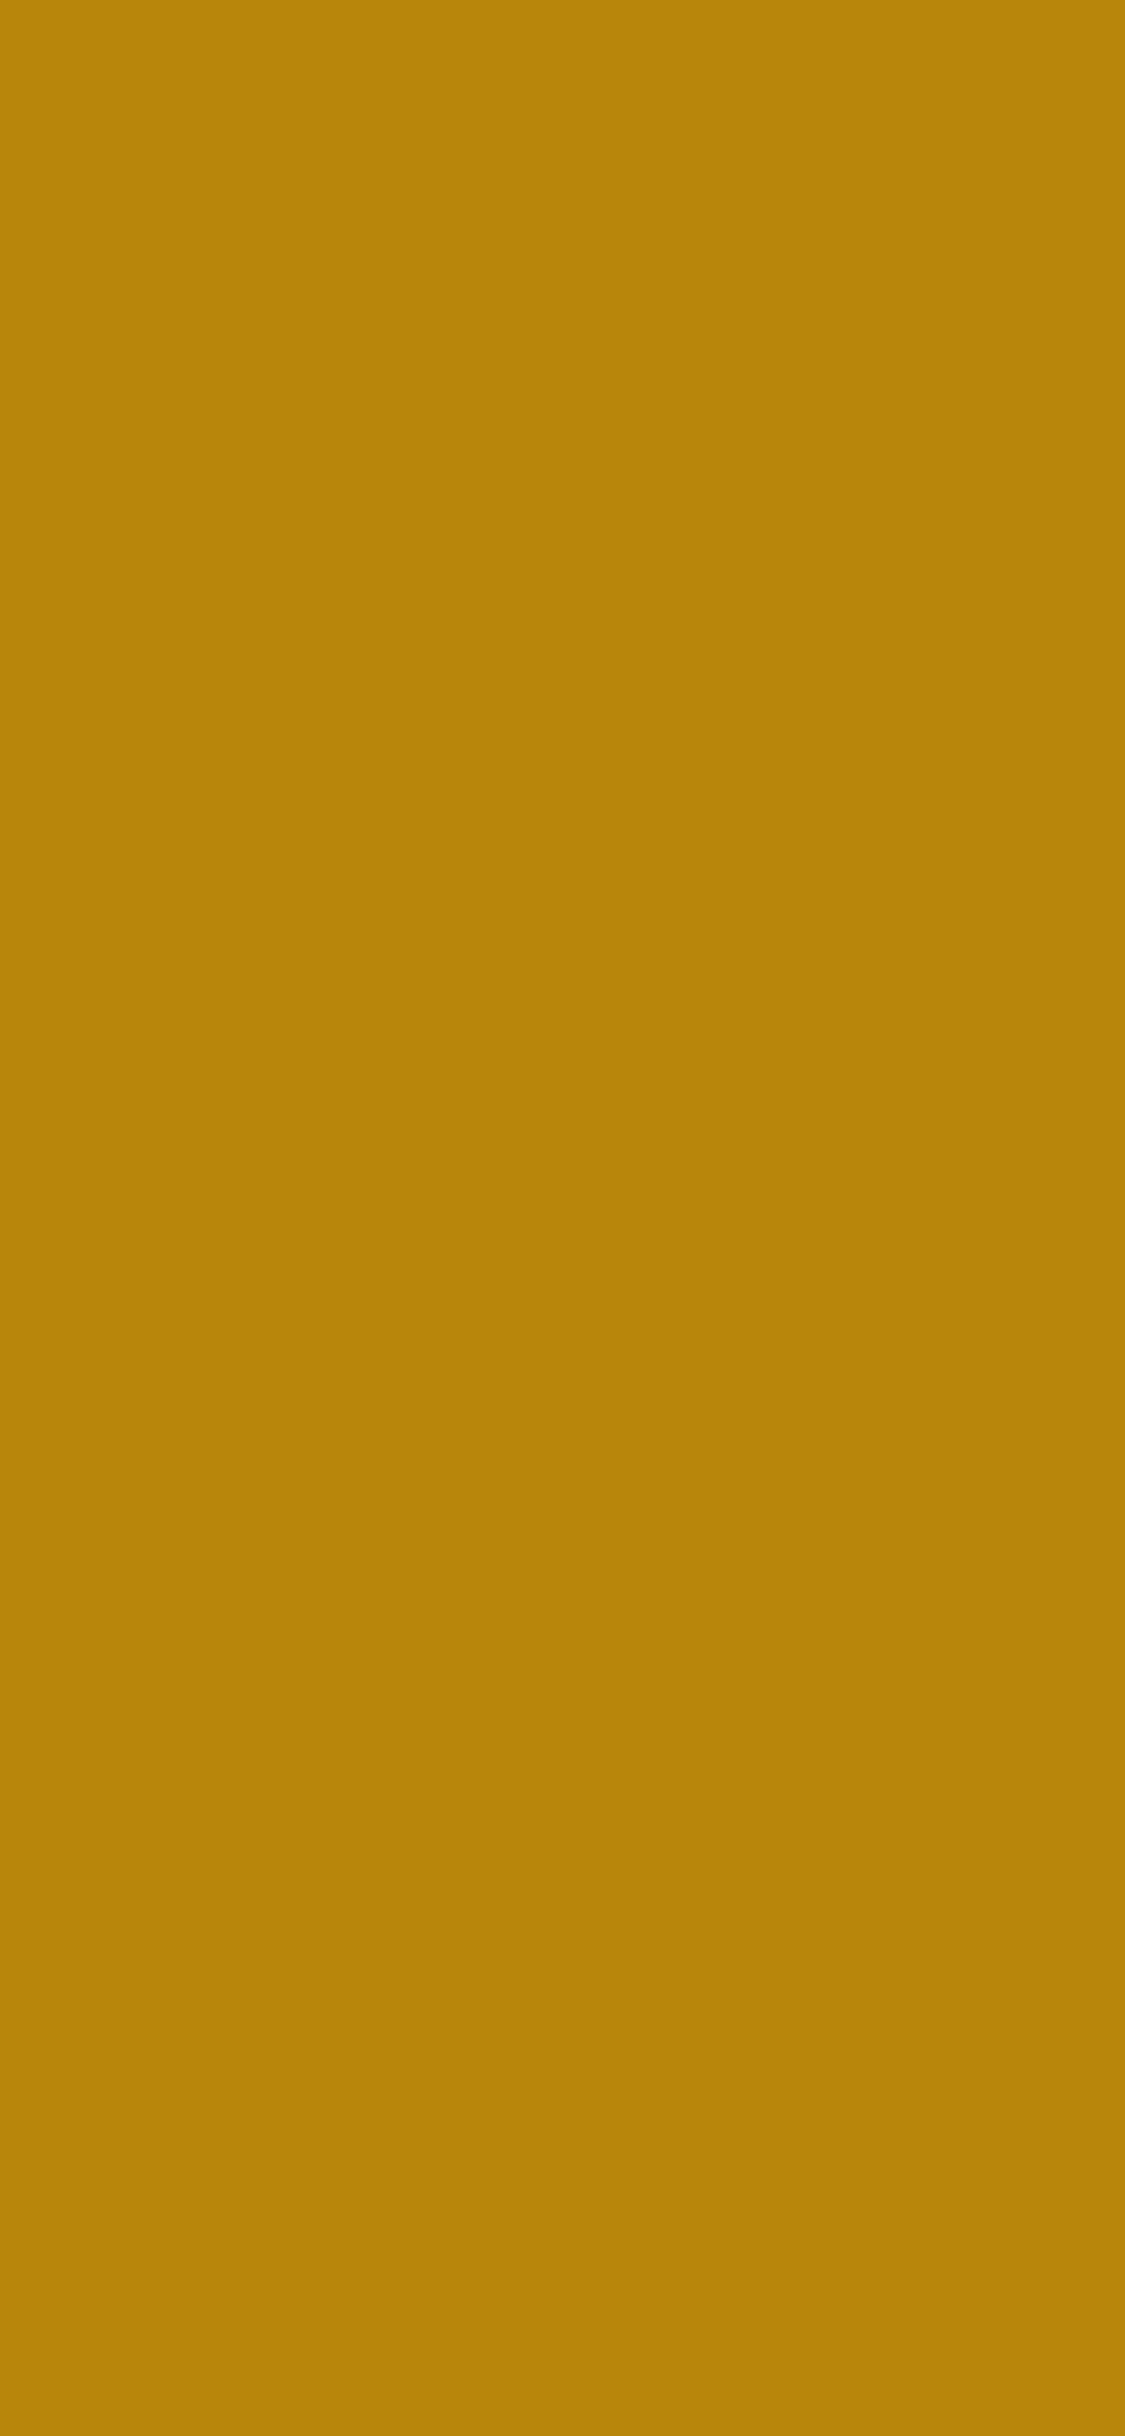 1125x2436 Dark Goldenrod Solid Color Background